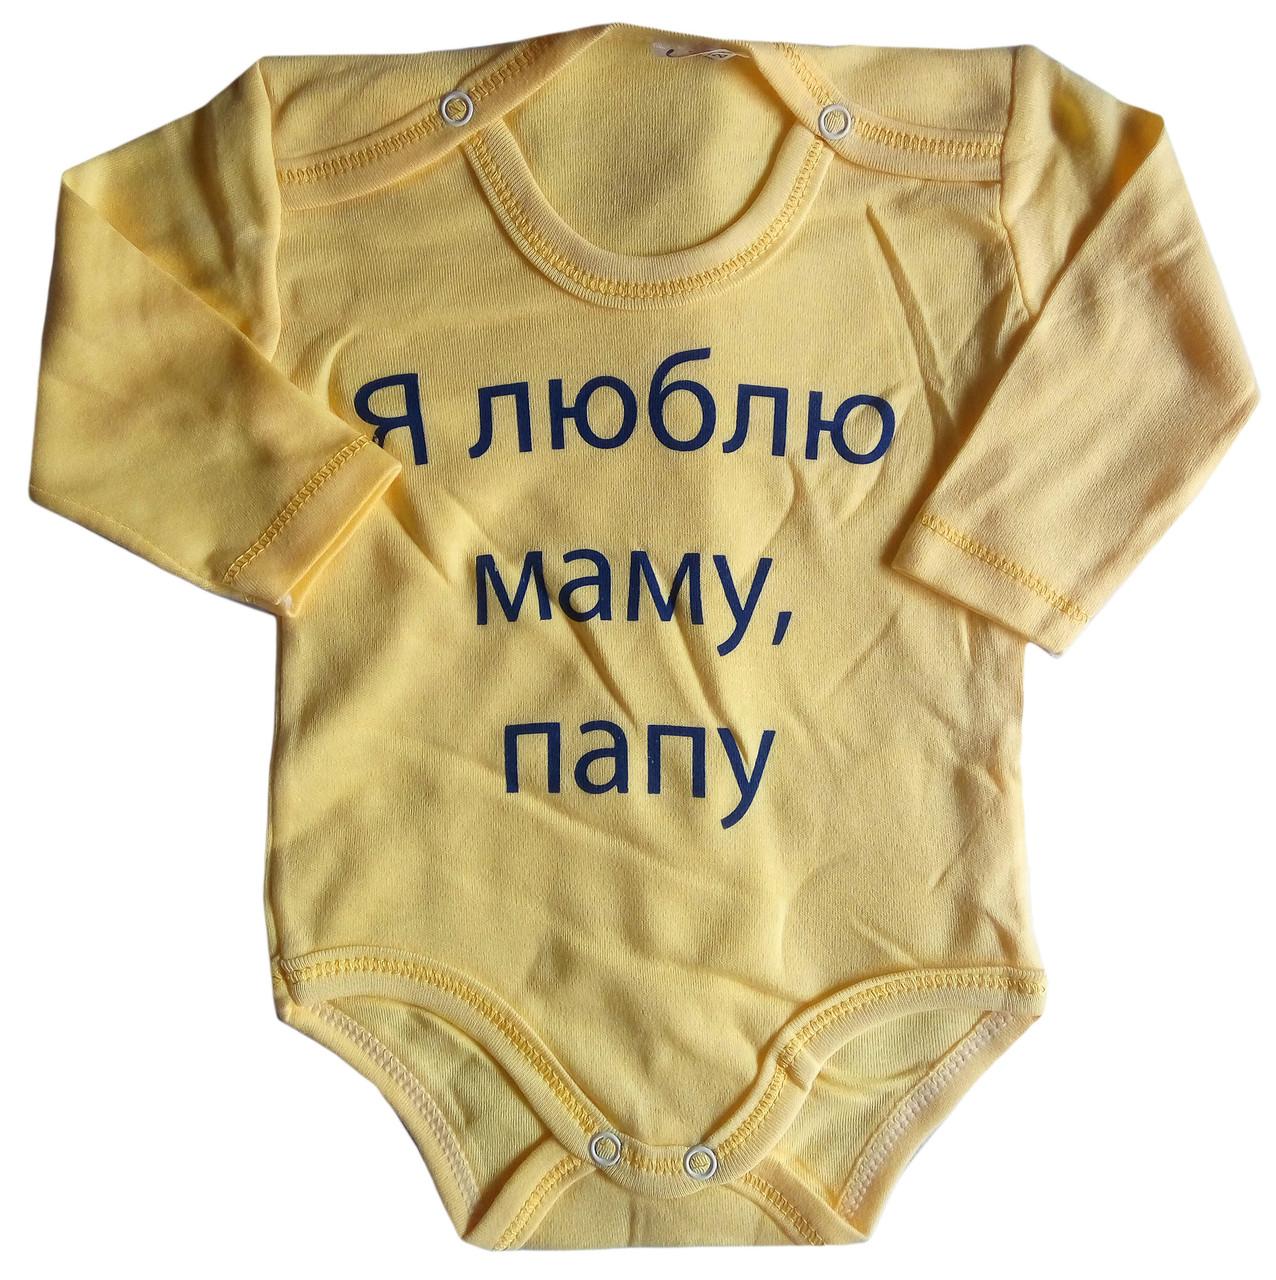 """Детские Боди с длинным рукавом, с надписью """"Я люблю маму, папу"""", желтый, 3-6-9-12-18 мес, Турция, оптом"""